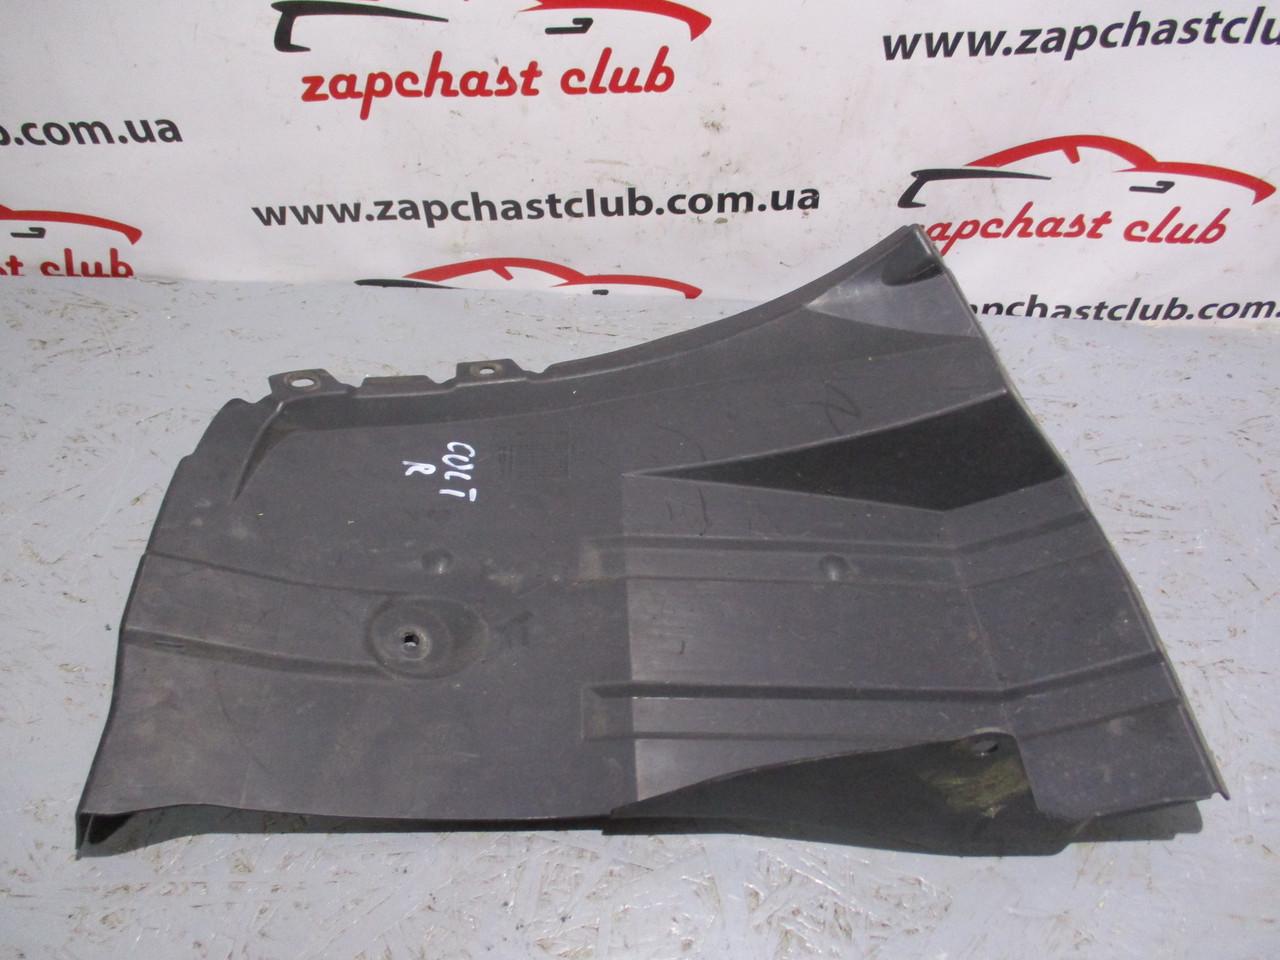 Подкрылок (защита крыла) задний правый 5370A012 992745 Colt CZ 3 Mitsubishi